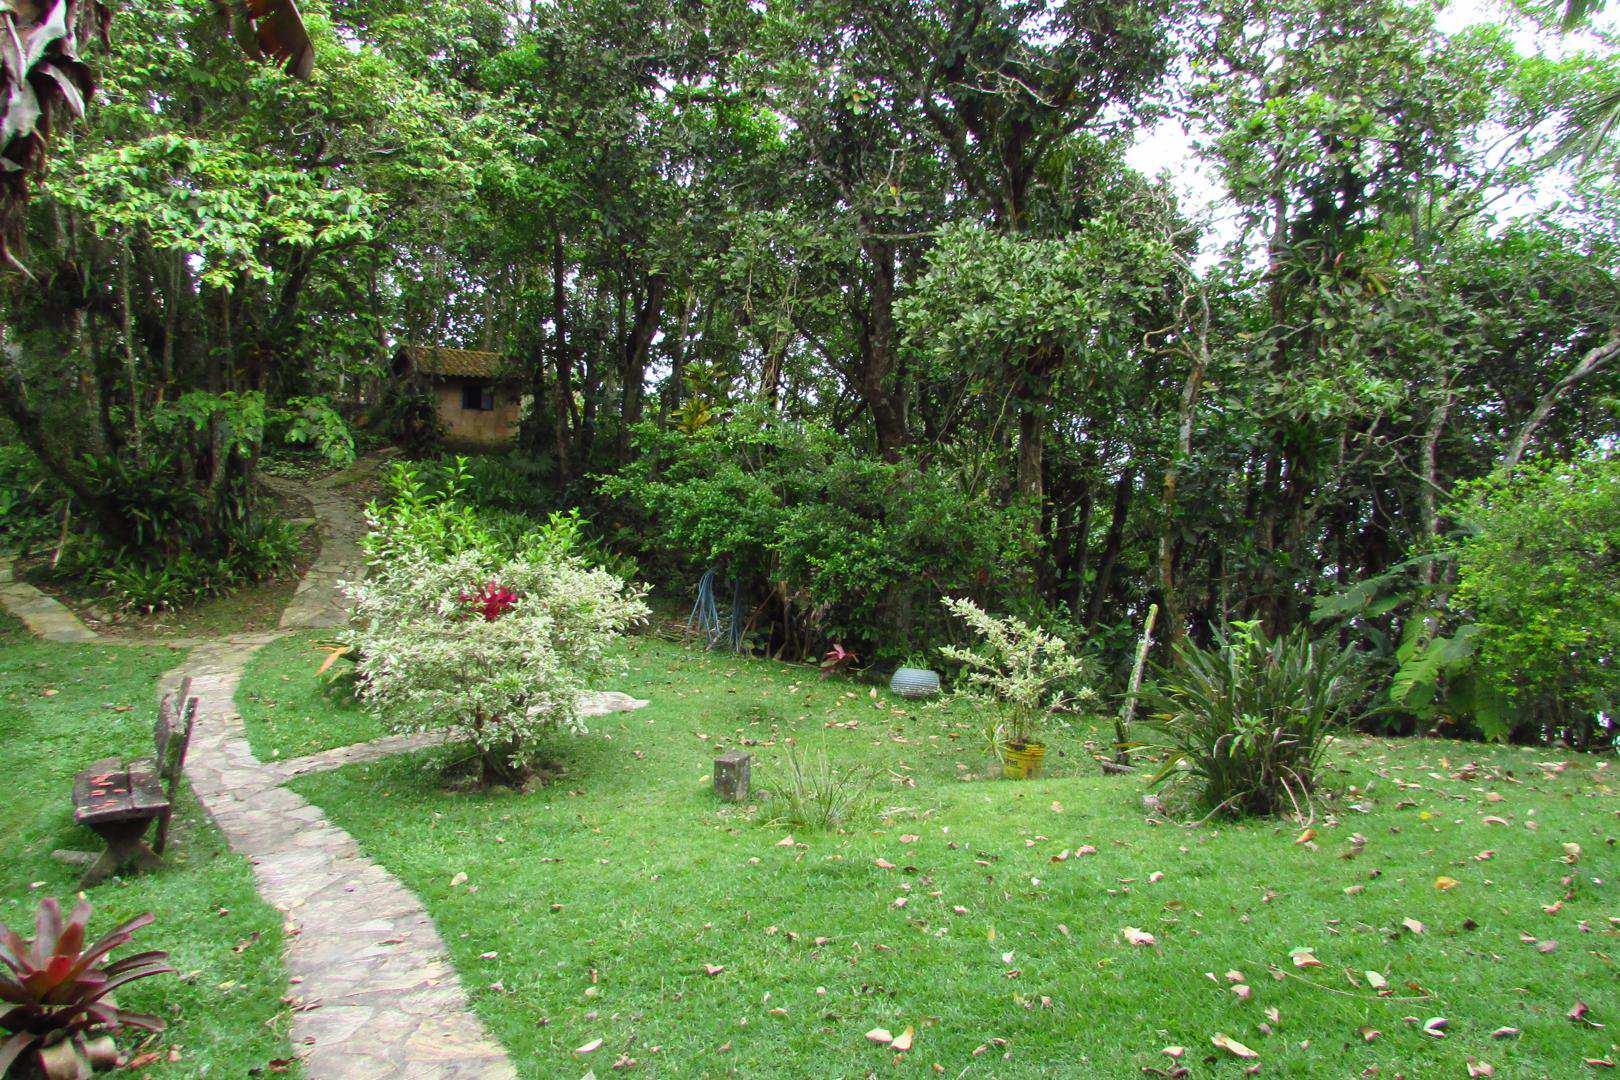 Chácara com 1 dorm, Praia do Sonho, Itanhaém - R$ 550.000,00, 70m² - Codigo: 4890